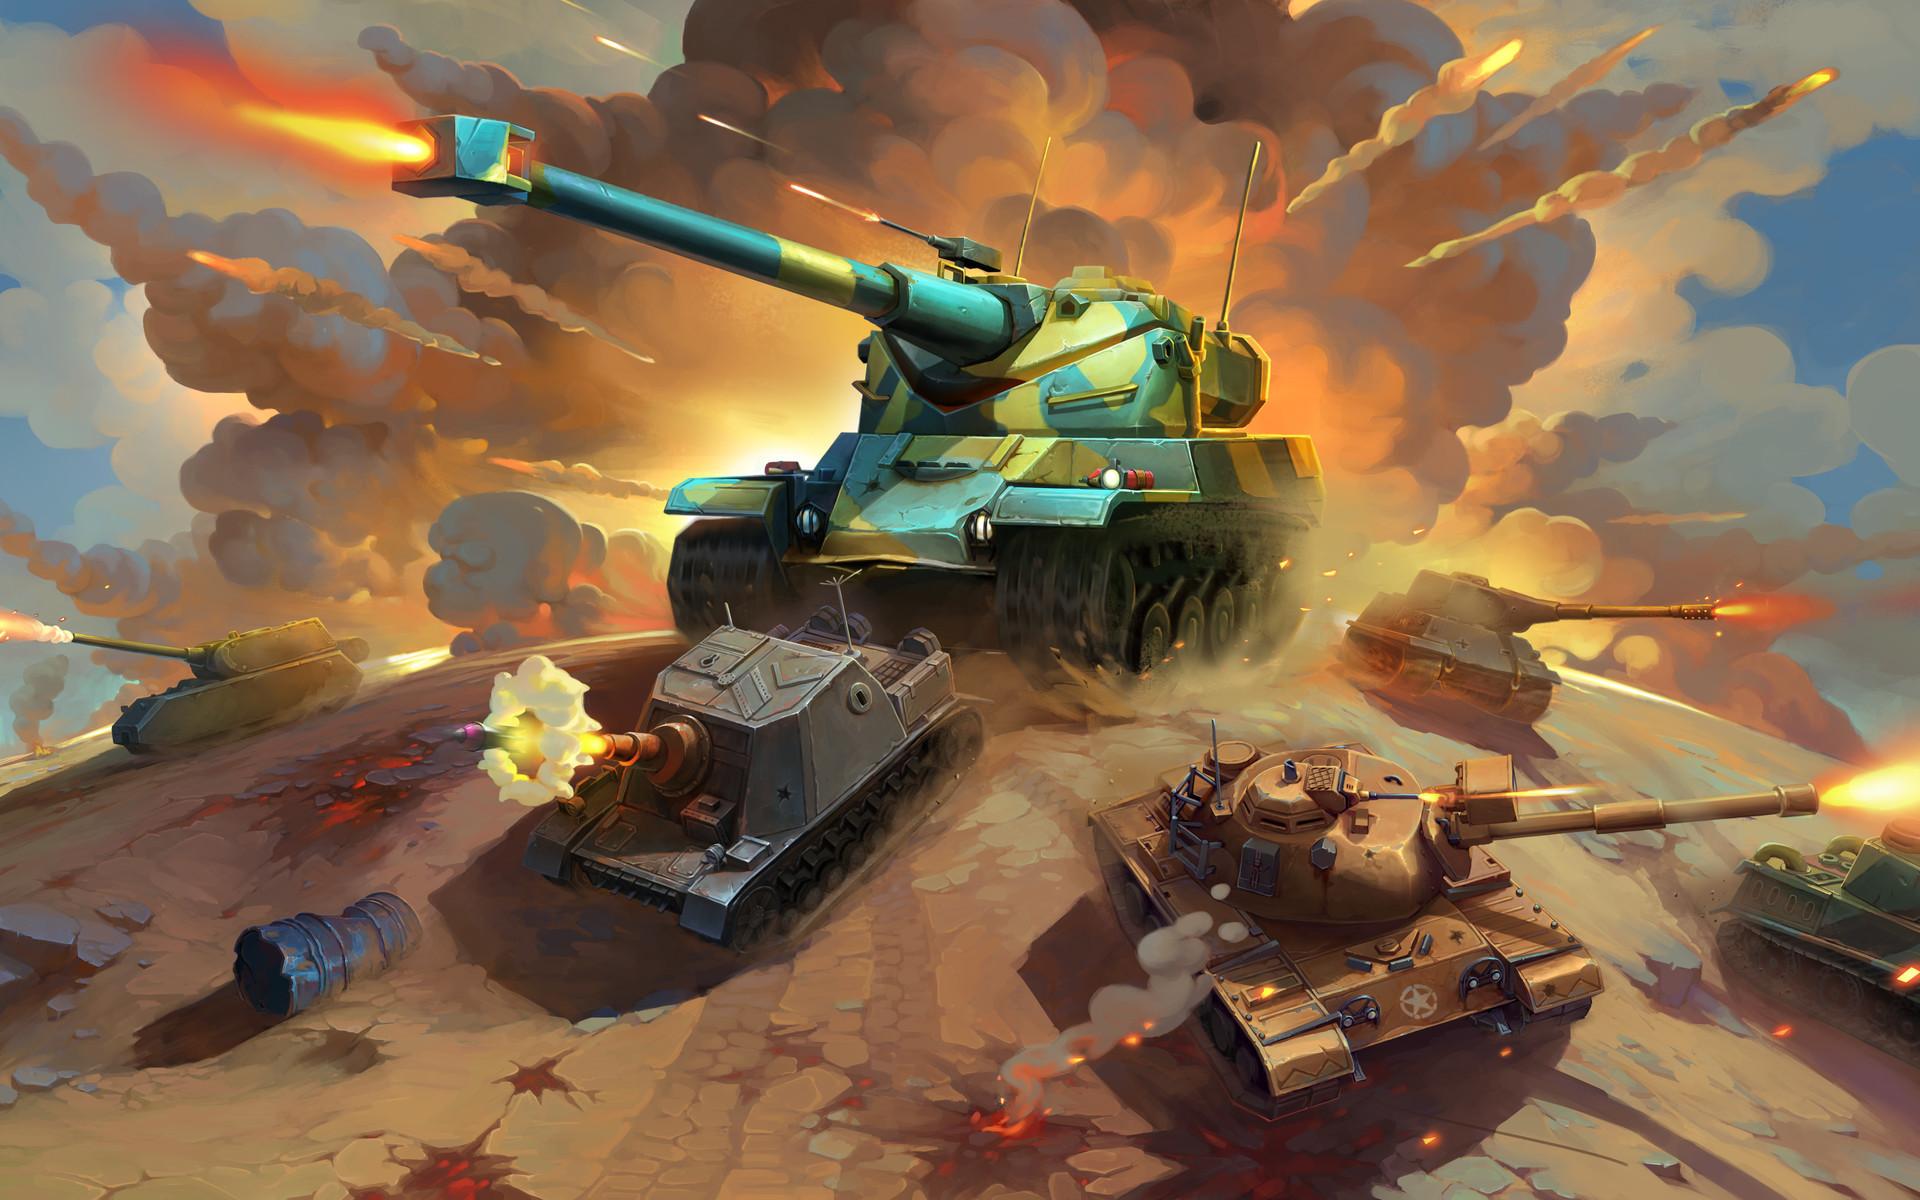 二战坦克游戏大全_坦克大战 _排行榜大全